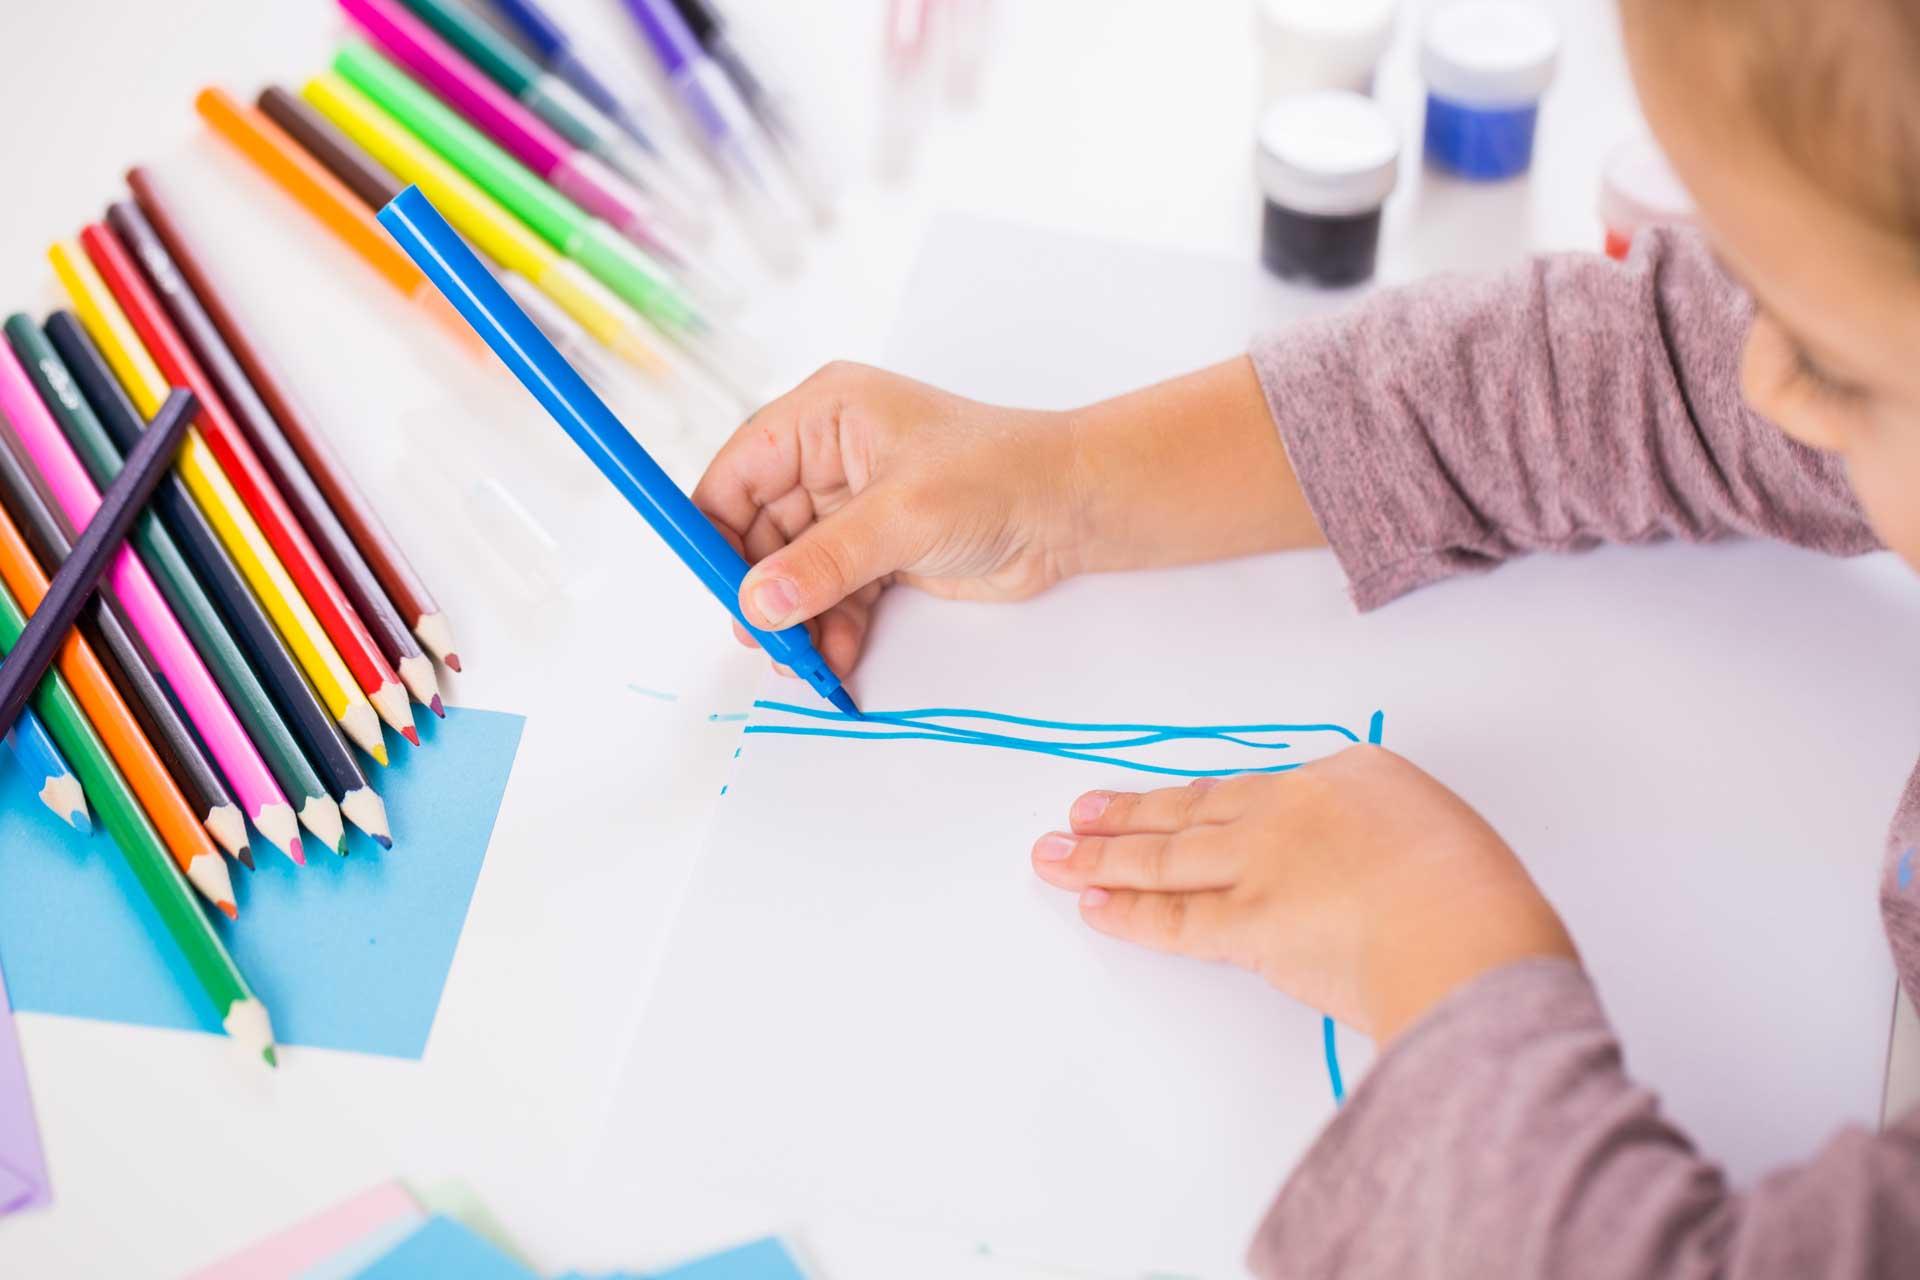 IV Concurso de dibujo infantil: Ayúdanos a diseñar nuestra felicitación de Navidad